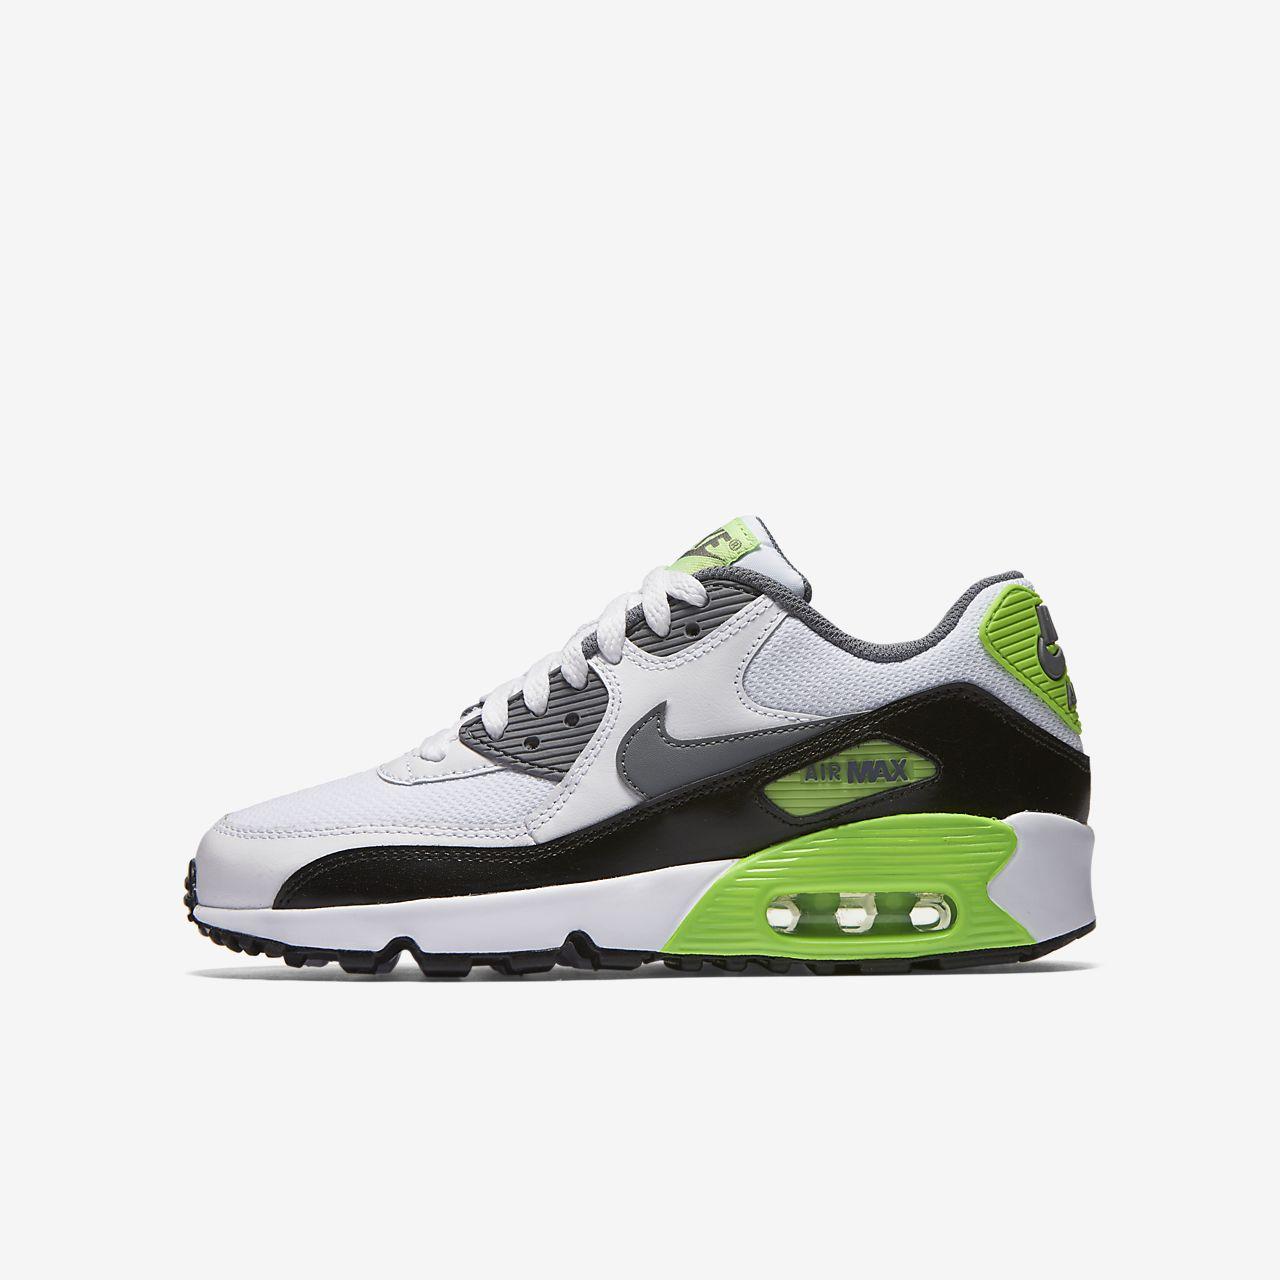 ... Chaussure Nike Air Max 90 Mesh pour Enfant plus âgé